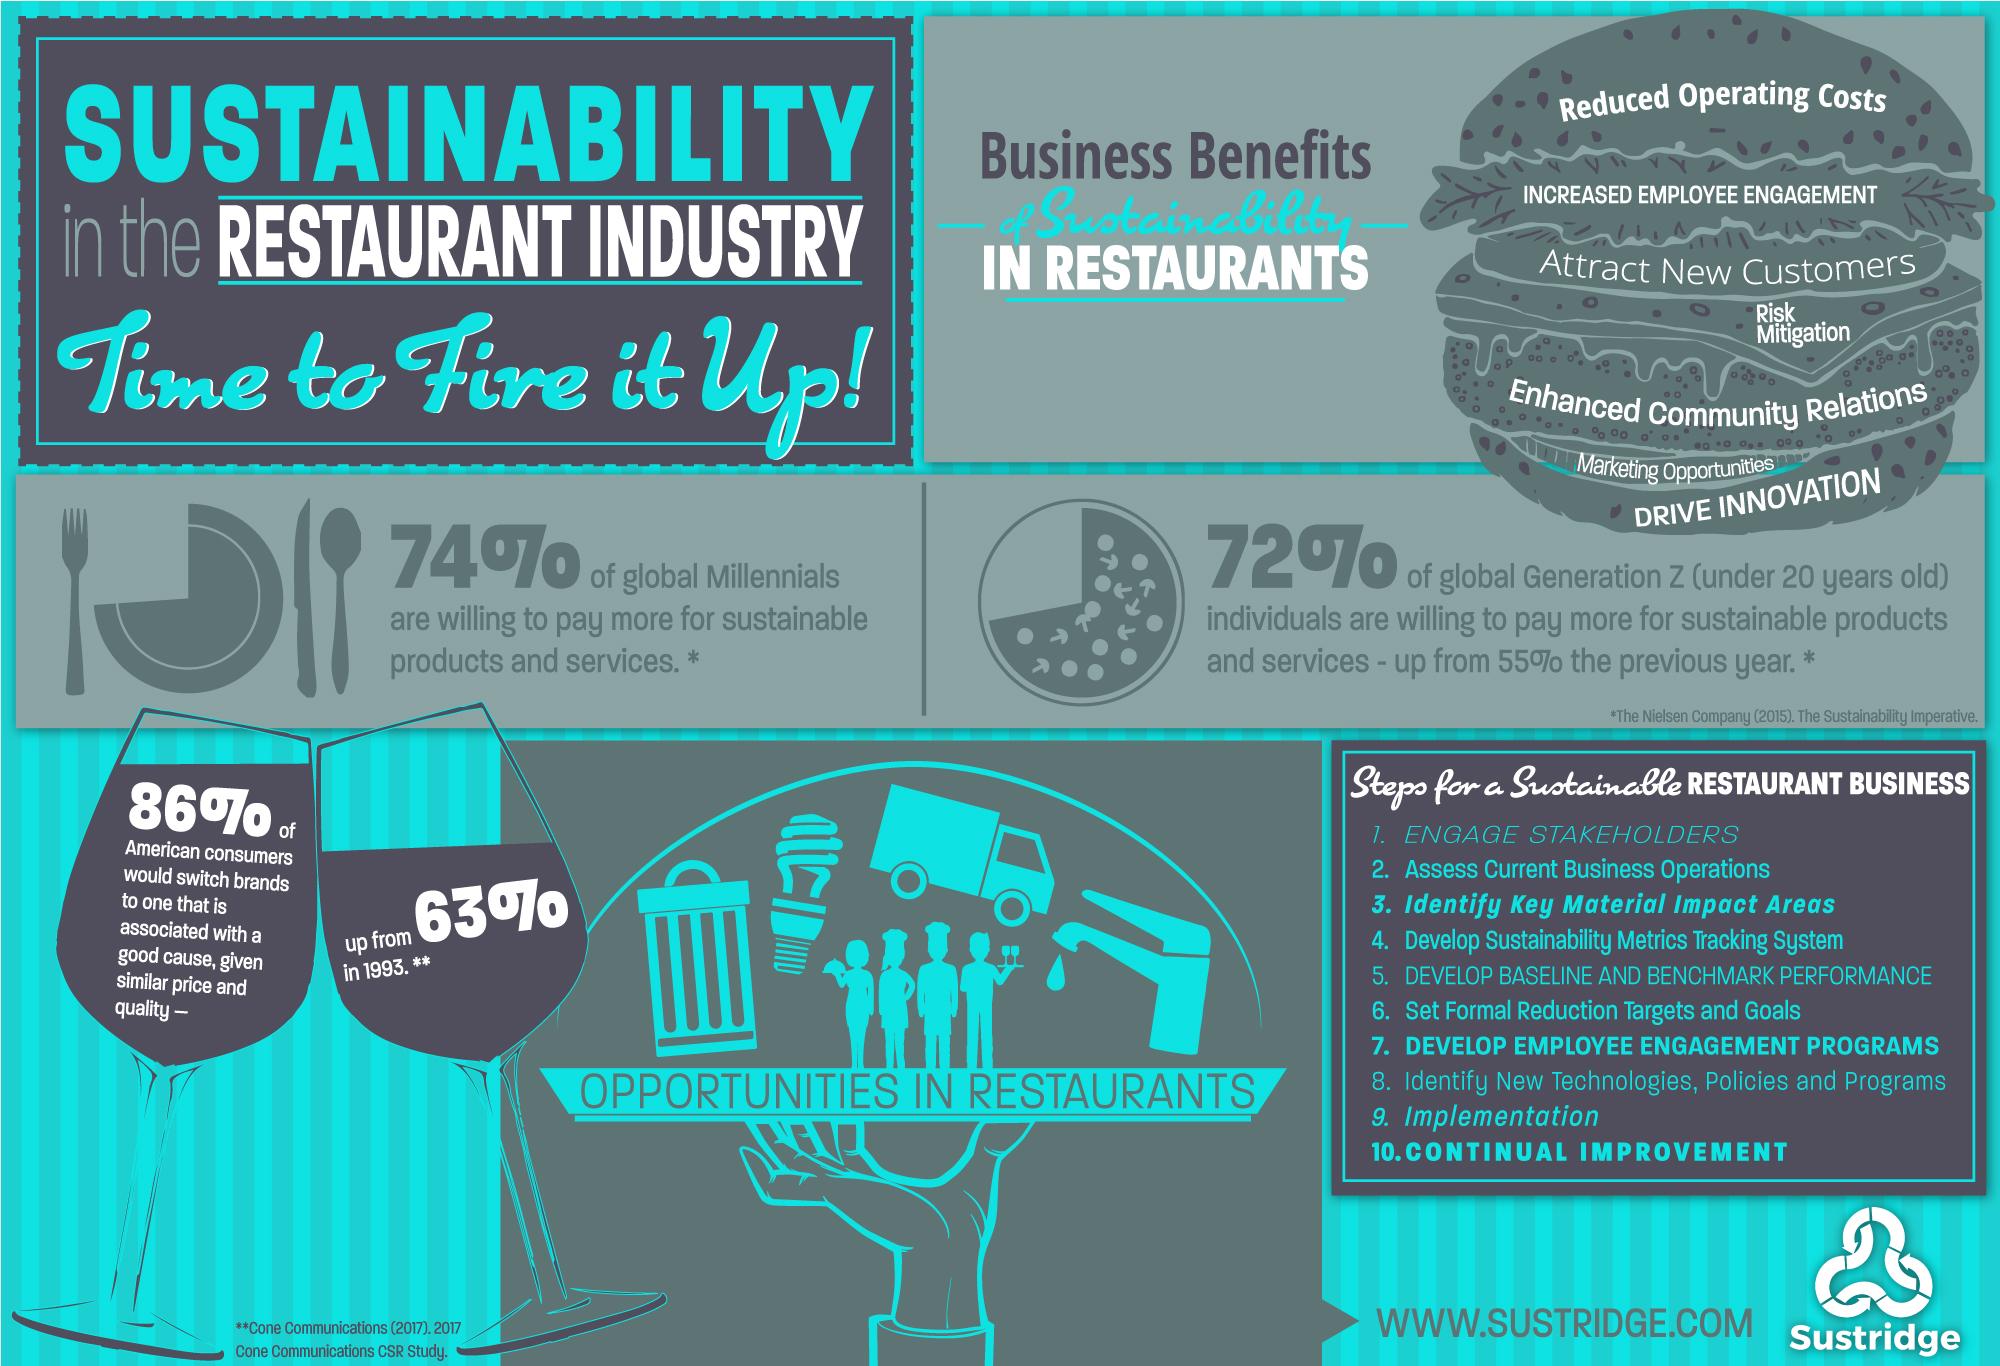 Sustridge-Infographic-Restaurants-2000x1366-v2 (1).jpg